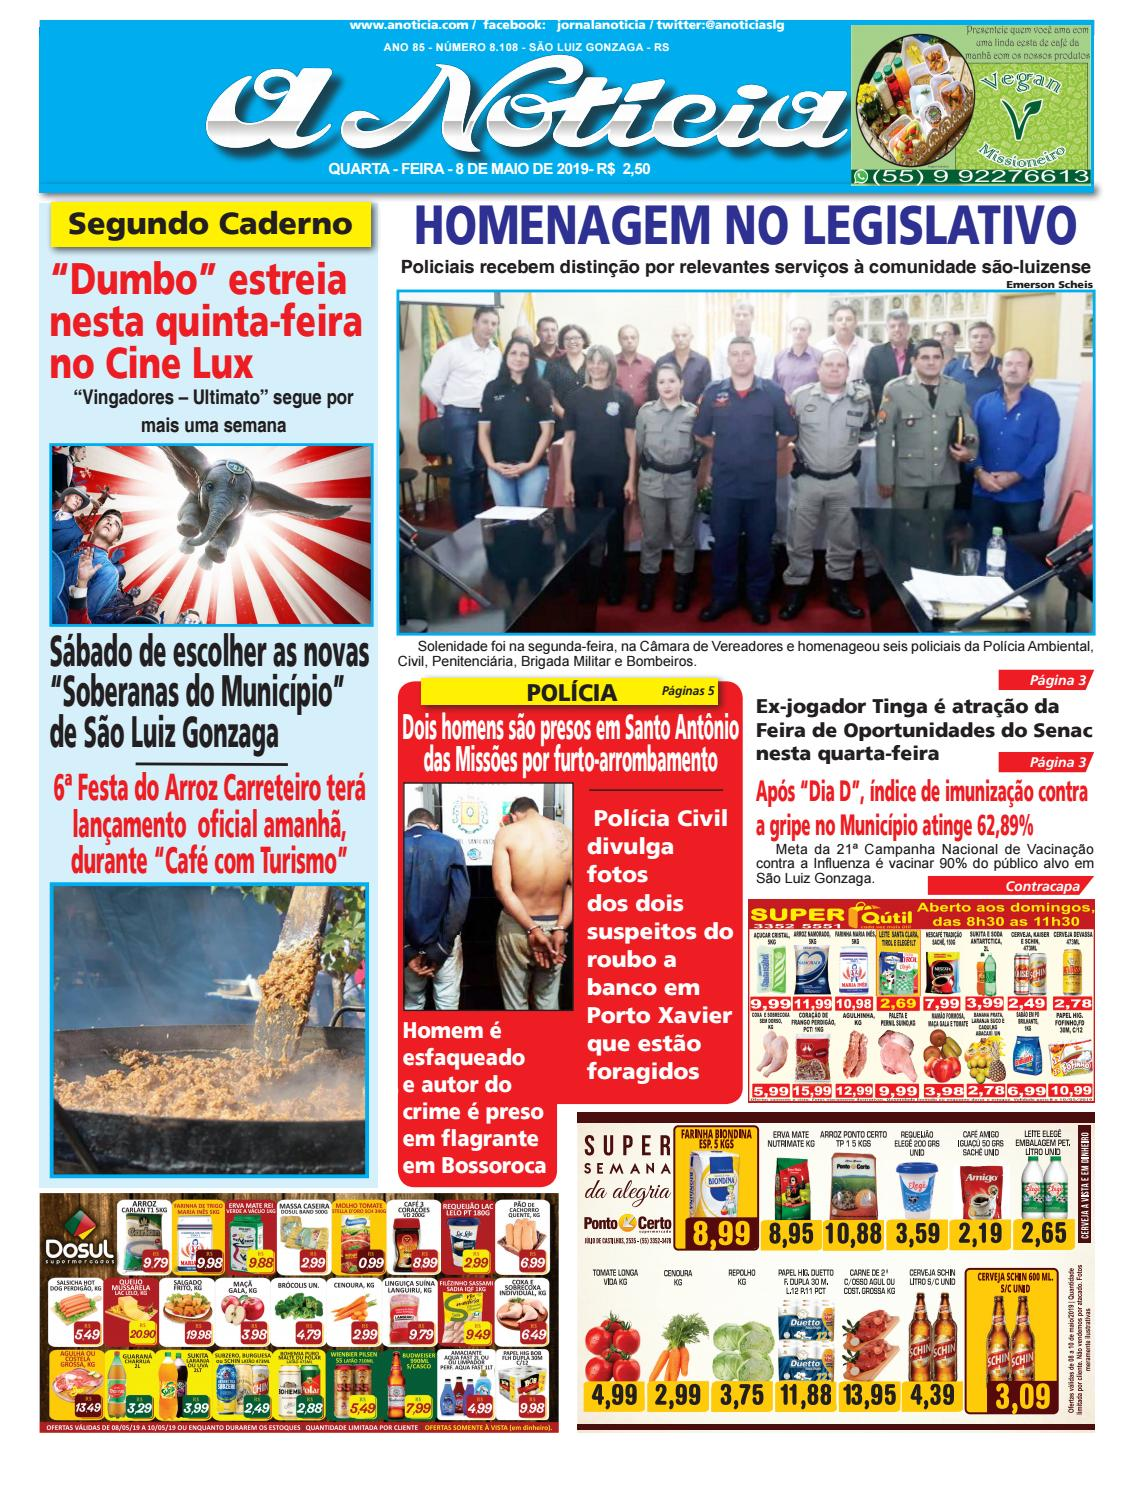 4c6ec13c6 Edição do dia 8 de maio de 2019 by Jornal A Notícia - issuu